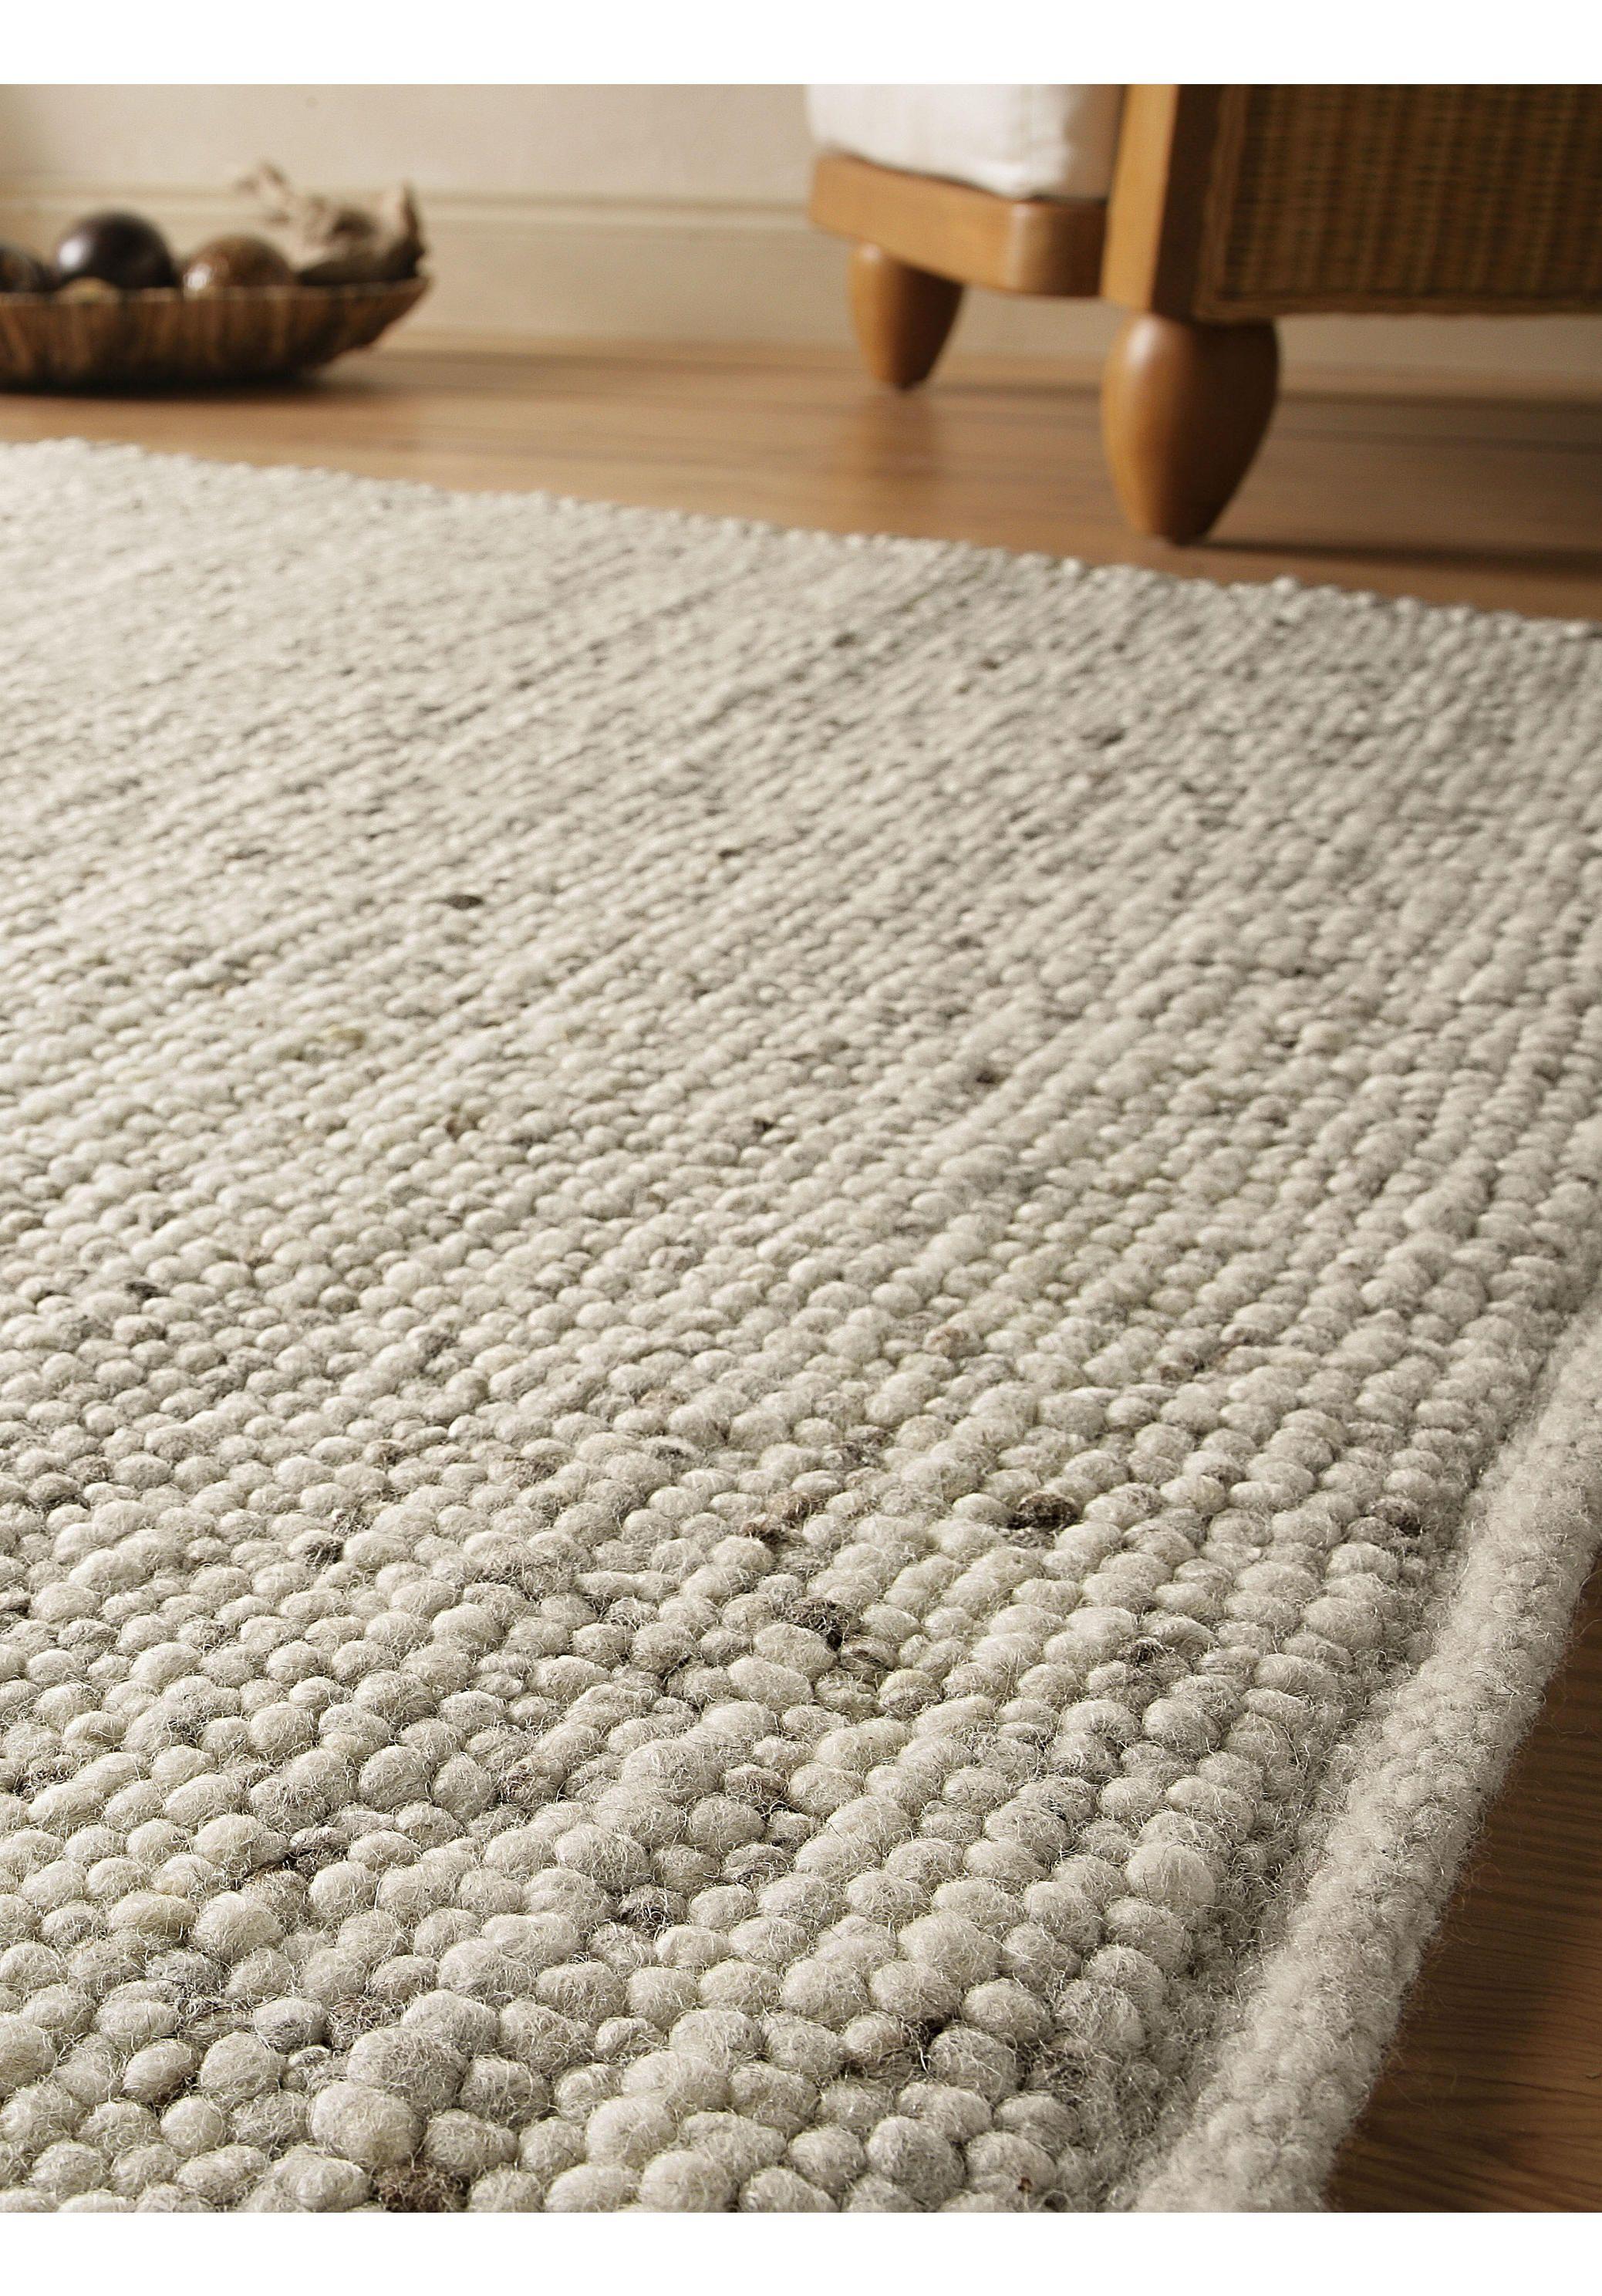 Teppich Rhonschaf Aus Reiner Schurwolle Von Hessnatur Teppich Gewobener Teppich Webteppich